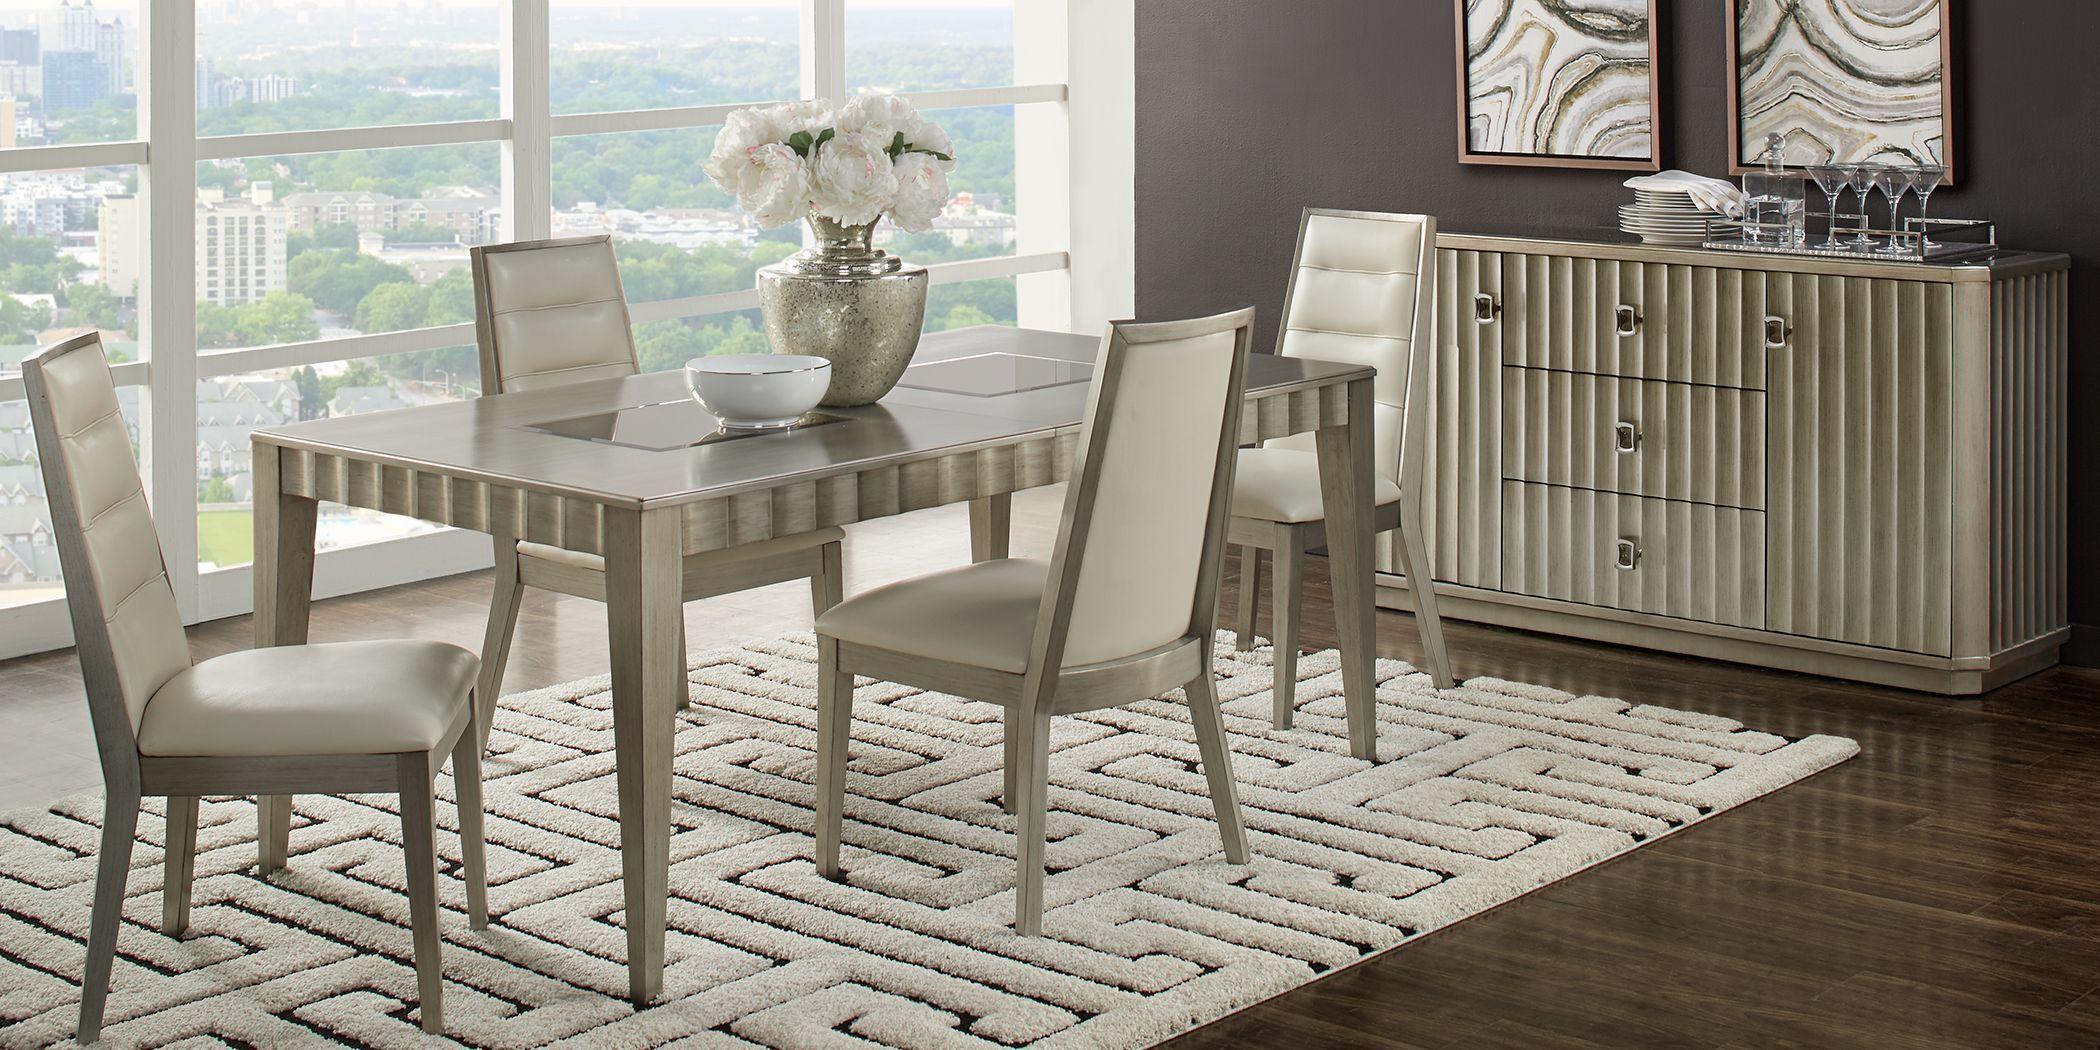 Sofia Vergara Delanco Pewter 5 Pc Dining Room Dining Room Design Dining Room Dining Room Decor